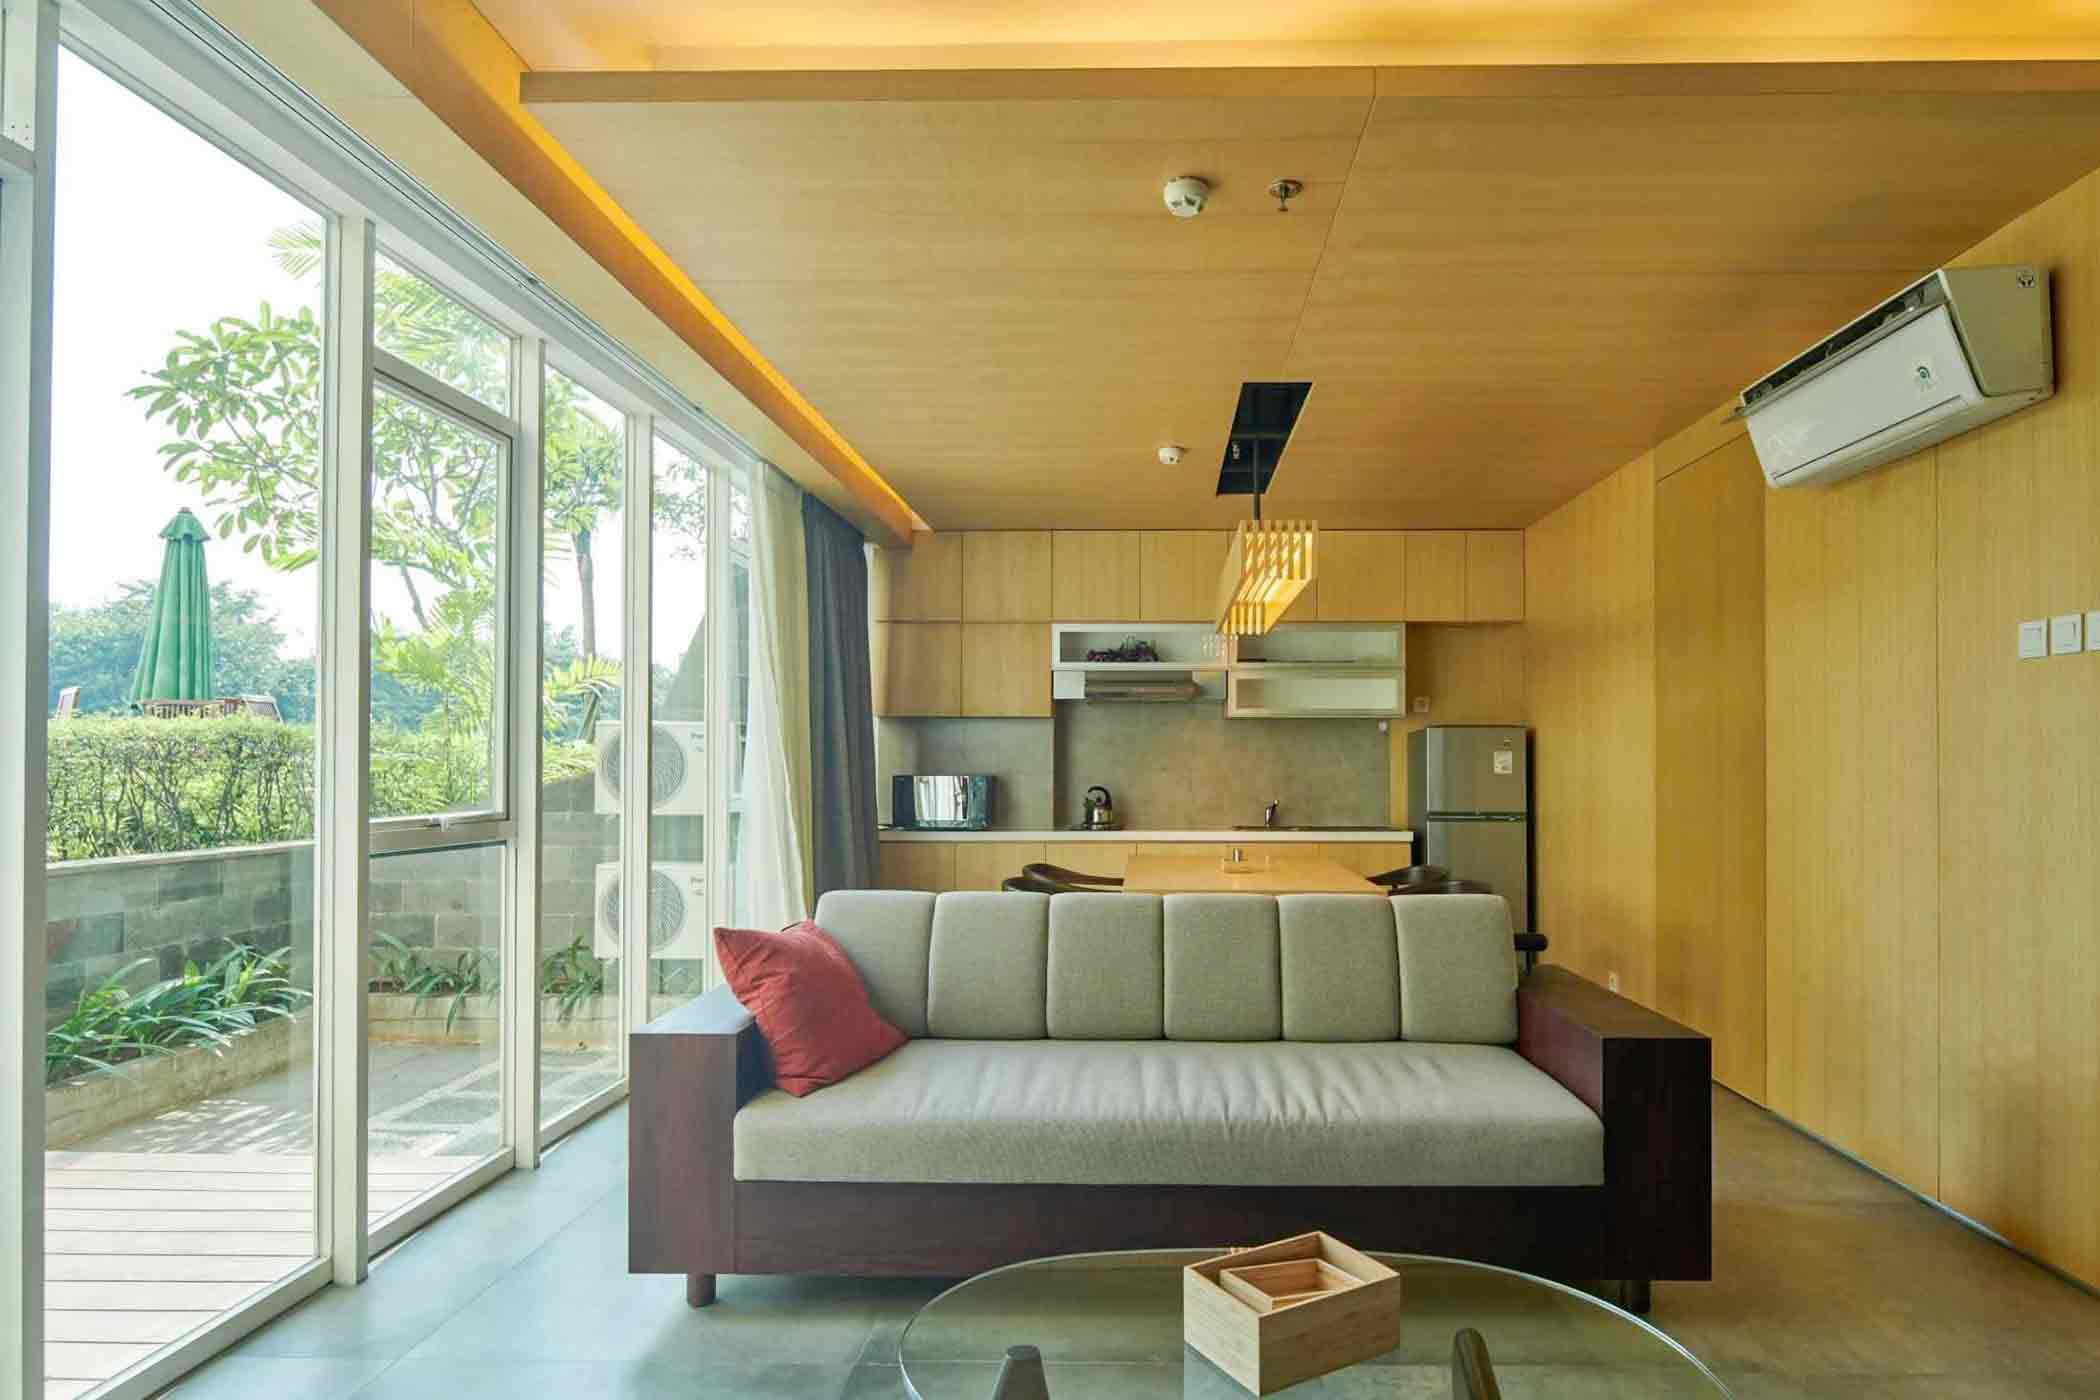 Nuansa hangat dari material kayu di bagian dapur dan ruang makan, karya Hadivincent Architects, via arsitag.com